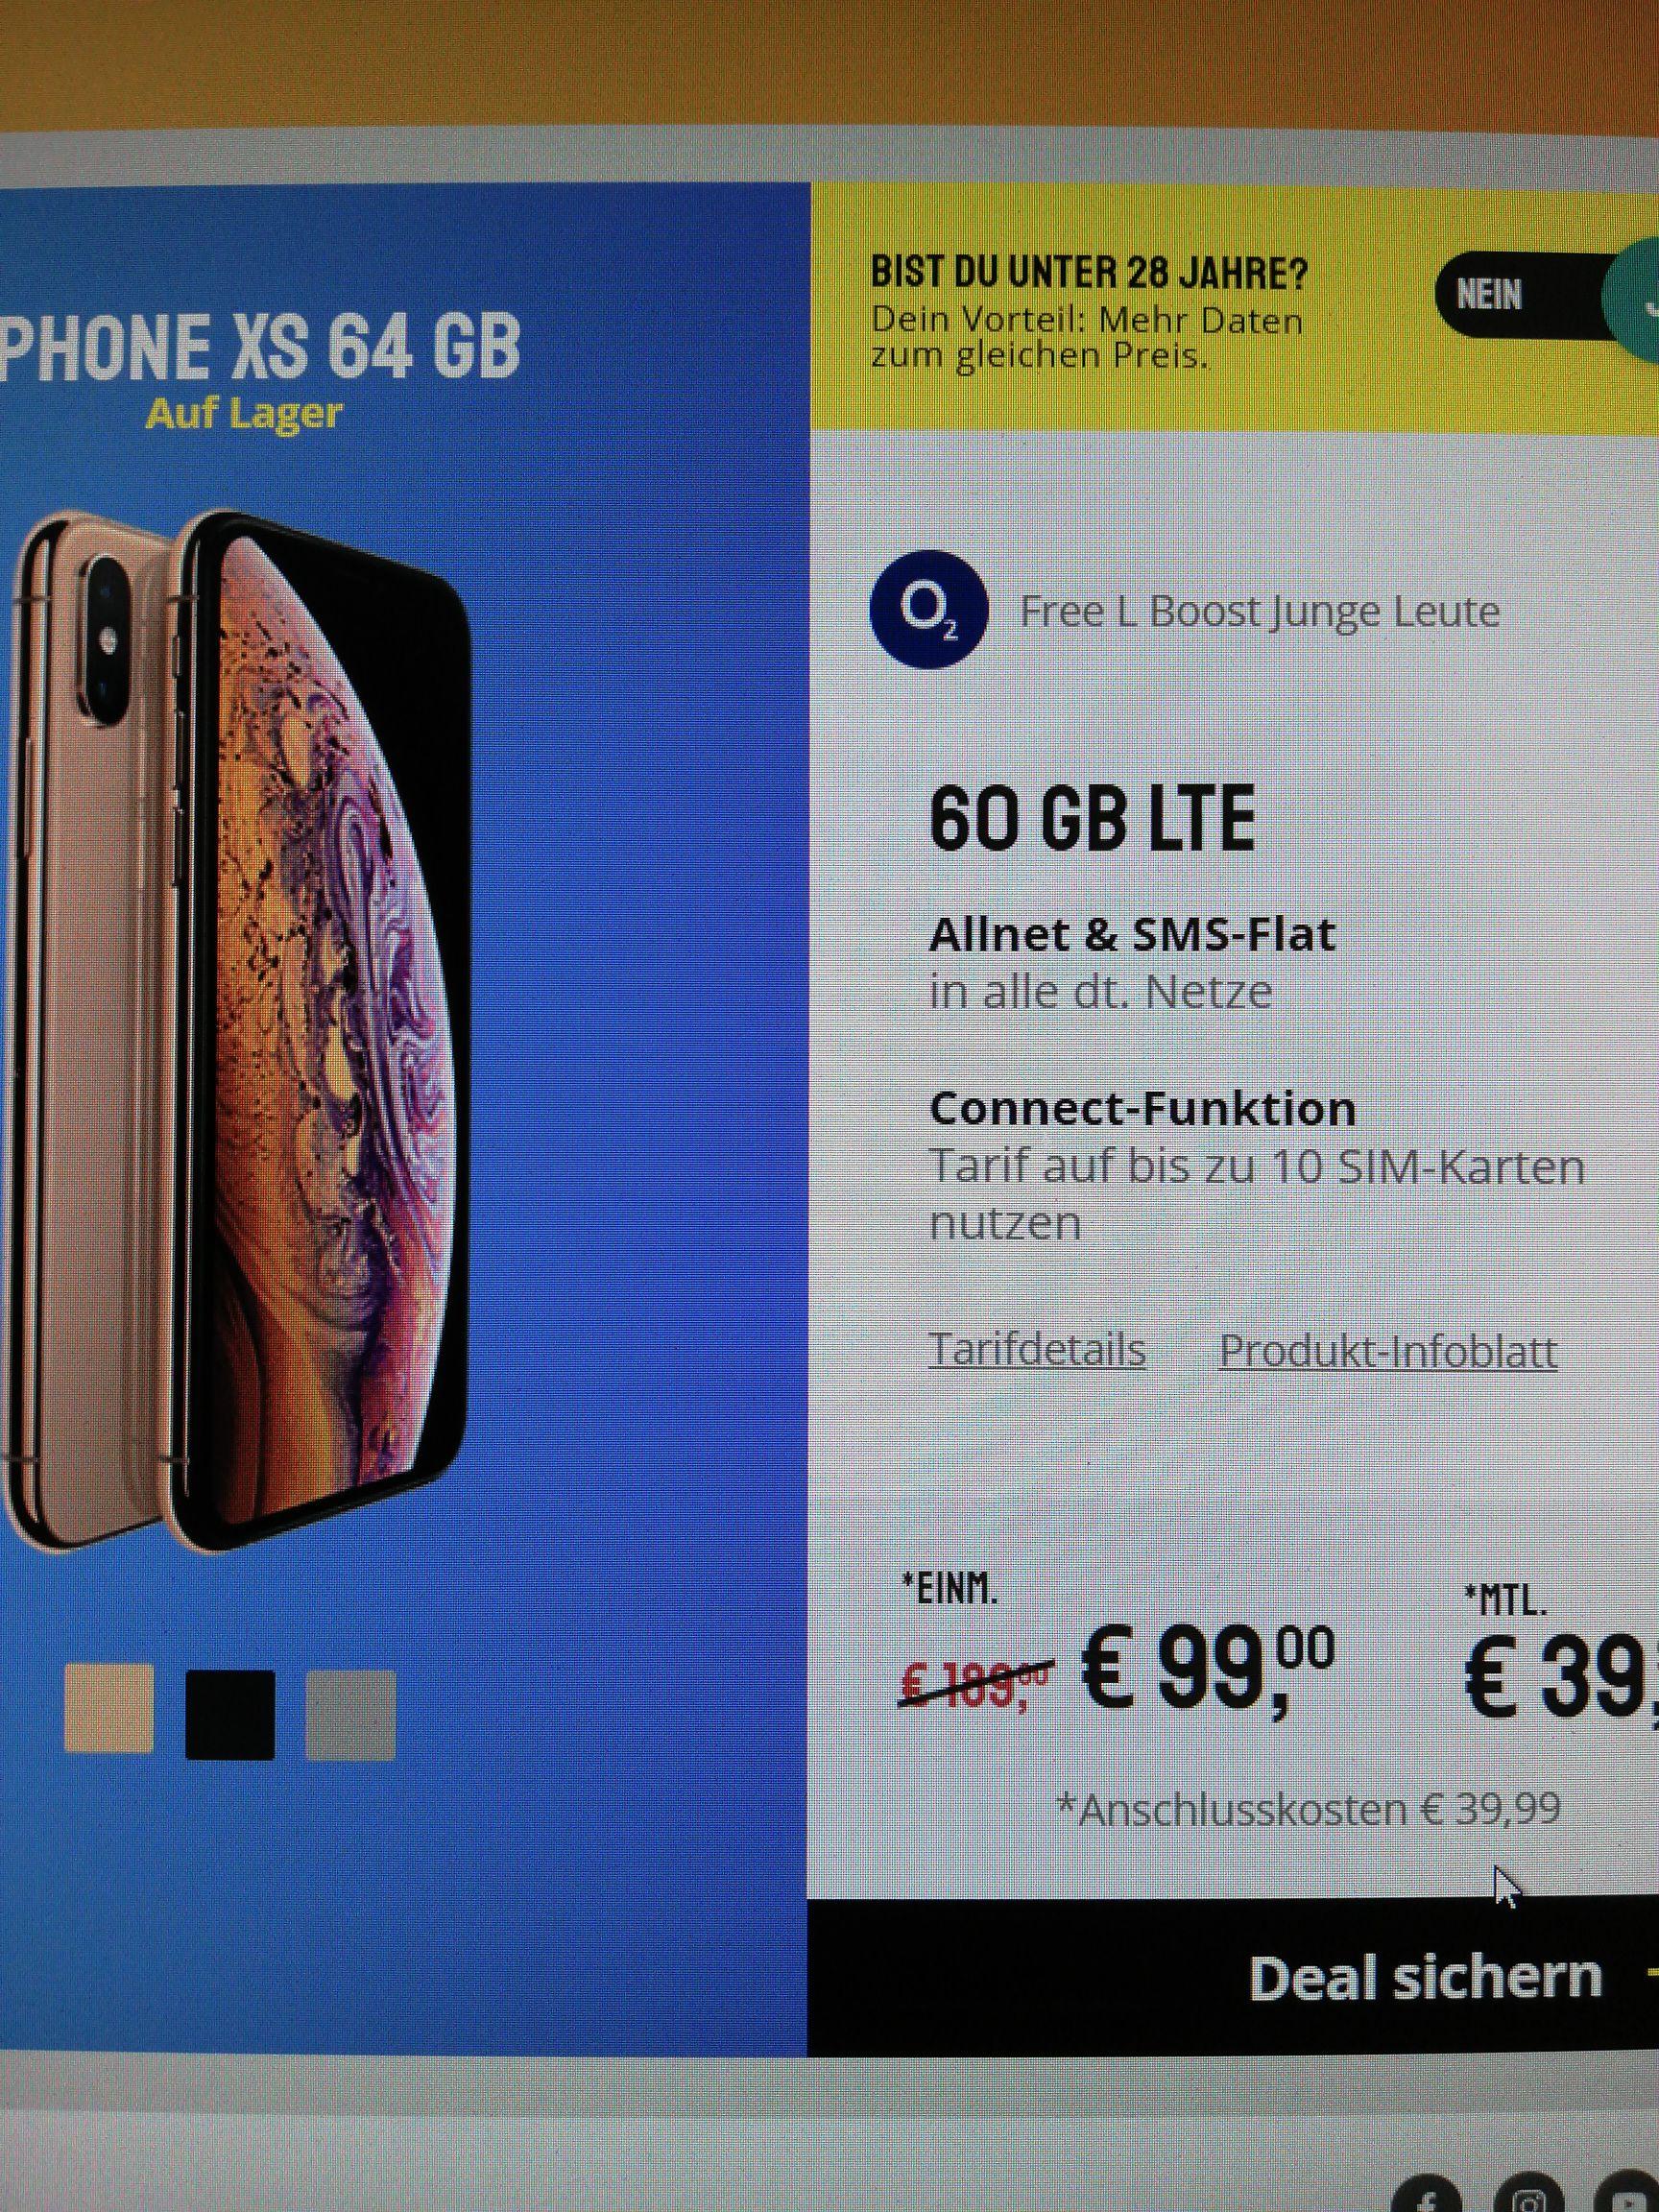 Young Iphone Xs bis zu 60 GB LTE